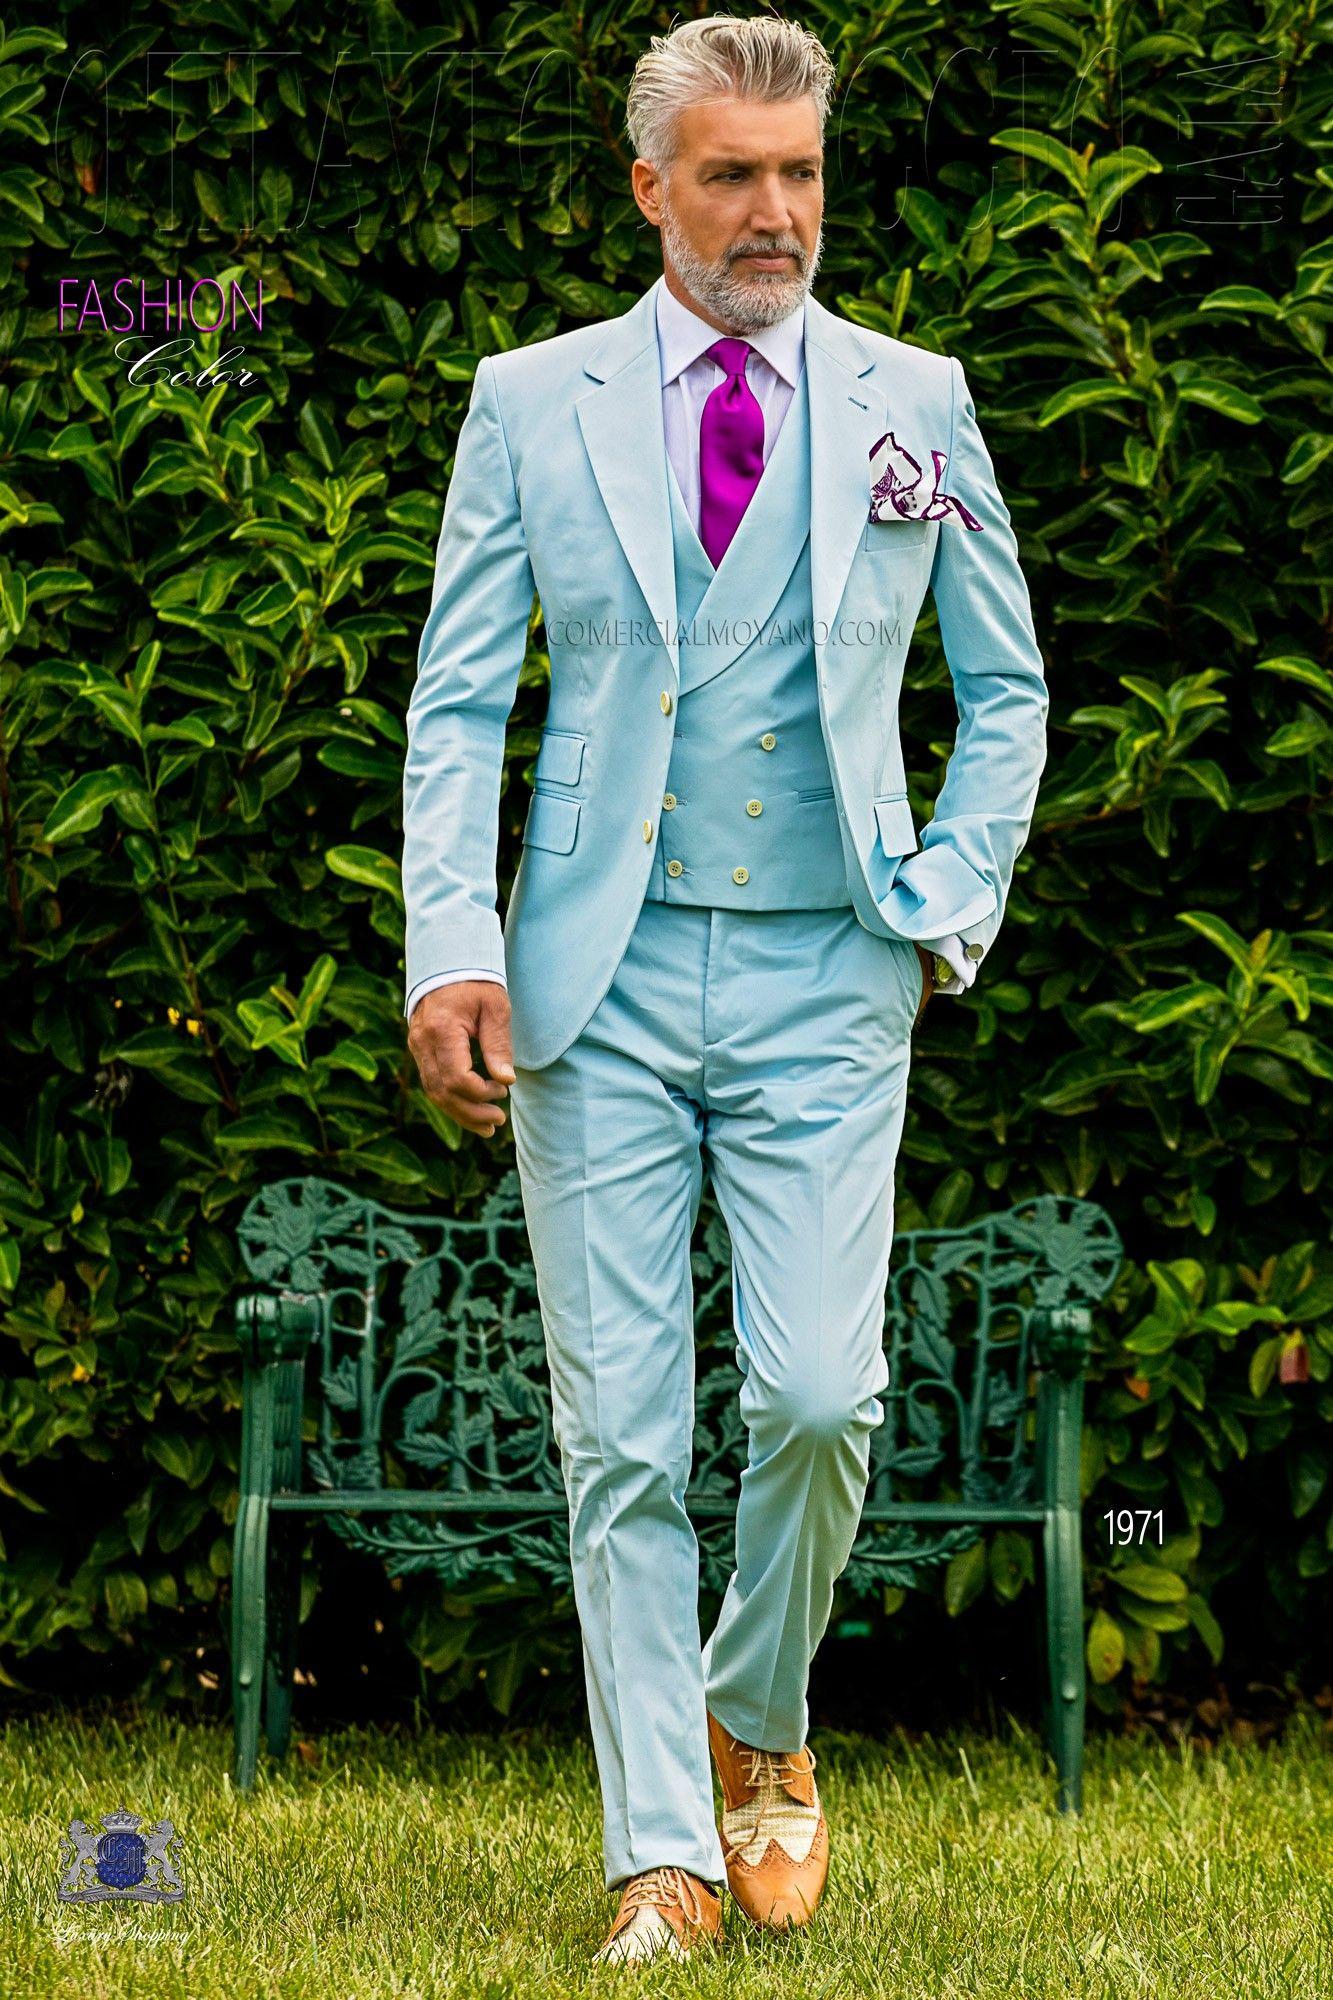 italienisch herren anzug hellblau aus baumwolle hipster m nner hochzeit anz ge 2017 ottavio. Black Bedroom Furniture Sets. Home Design Ideas